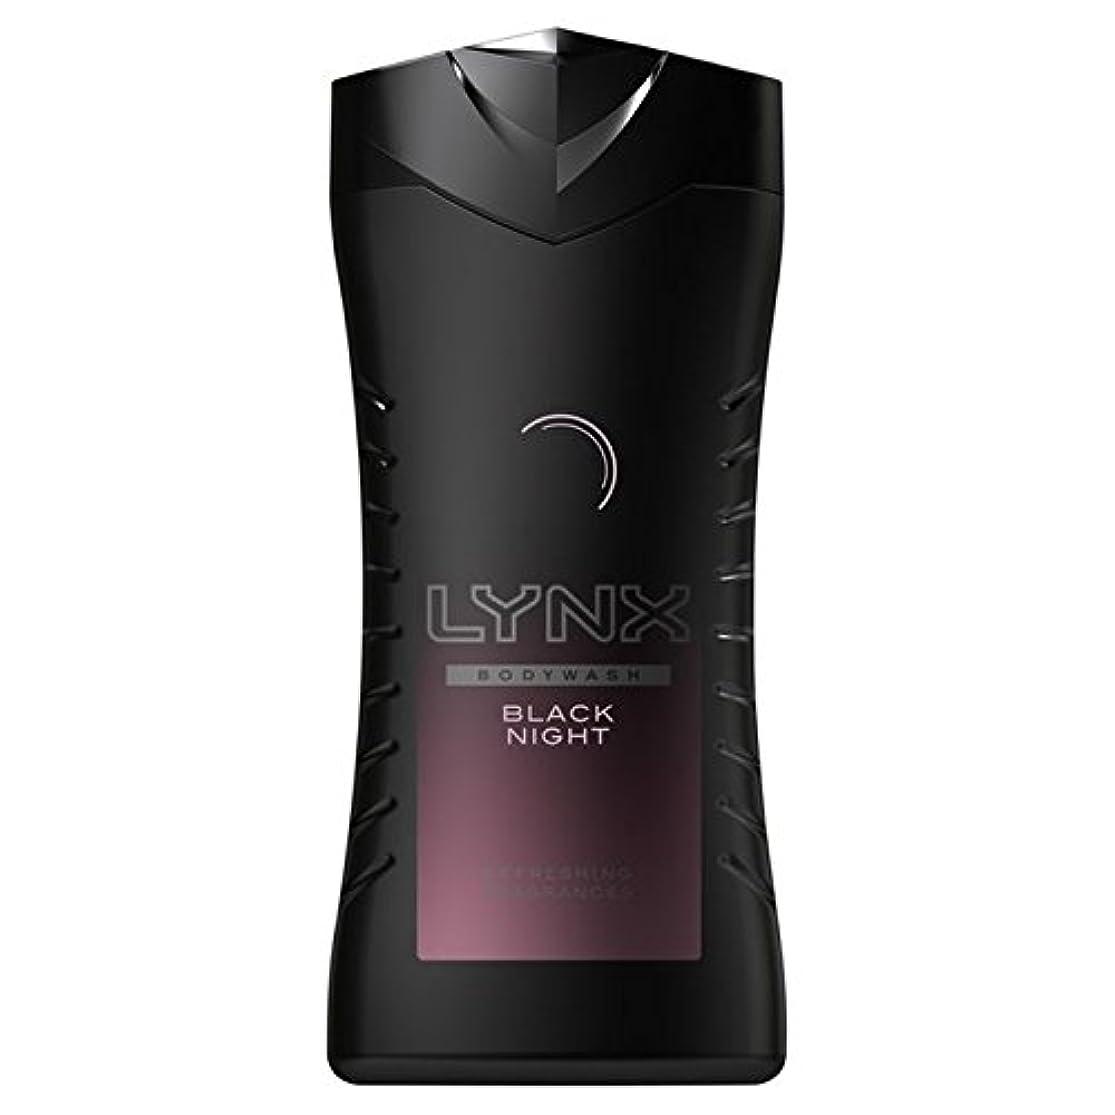 栄光の実際選択Lynx Black Night Shower Gel 250ml - オオヤマネコ黒夜シャワージェル250ミリリットル [並行輸入品]